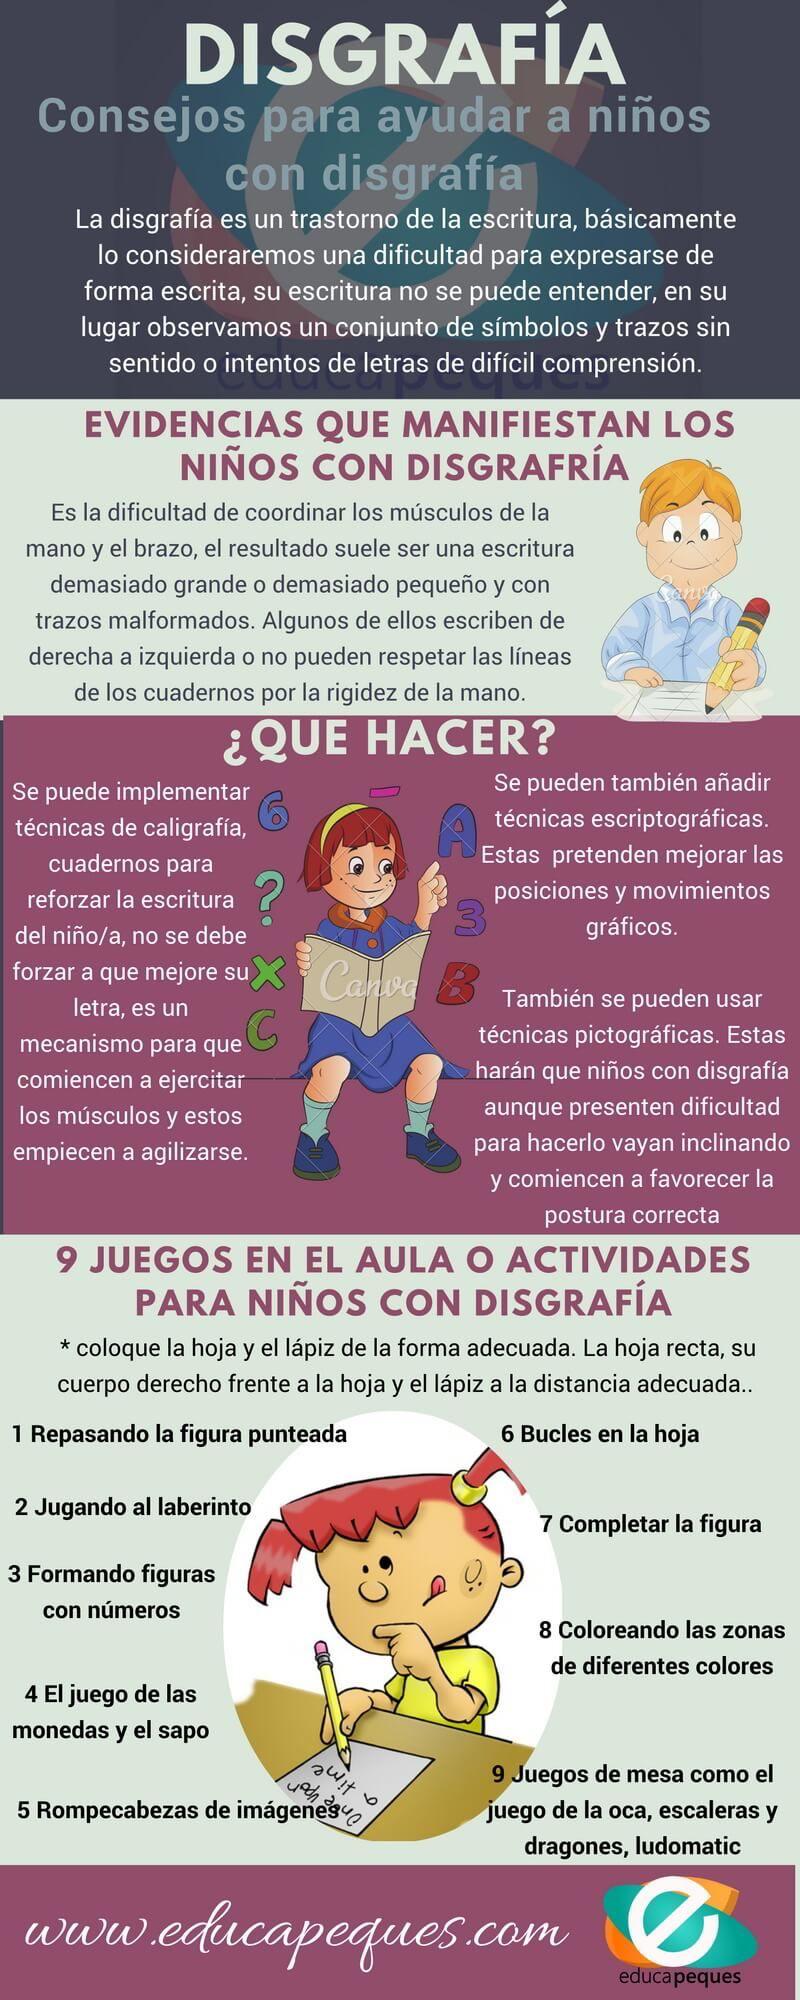 Disgrafía Consejos Para Ayudar A Niños Con Disgrafía Disgrafía Problemas De Aprendizaje Educacion Infantil